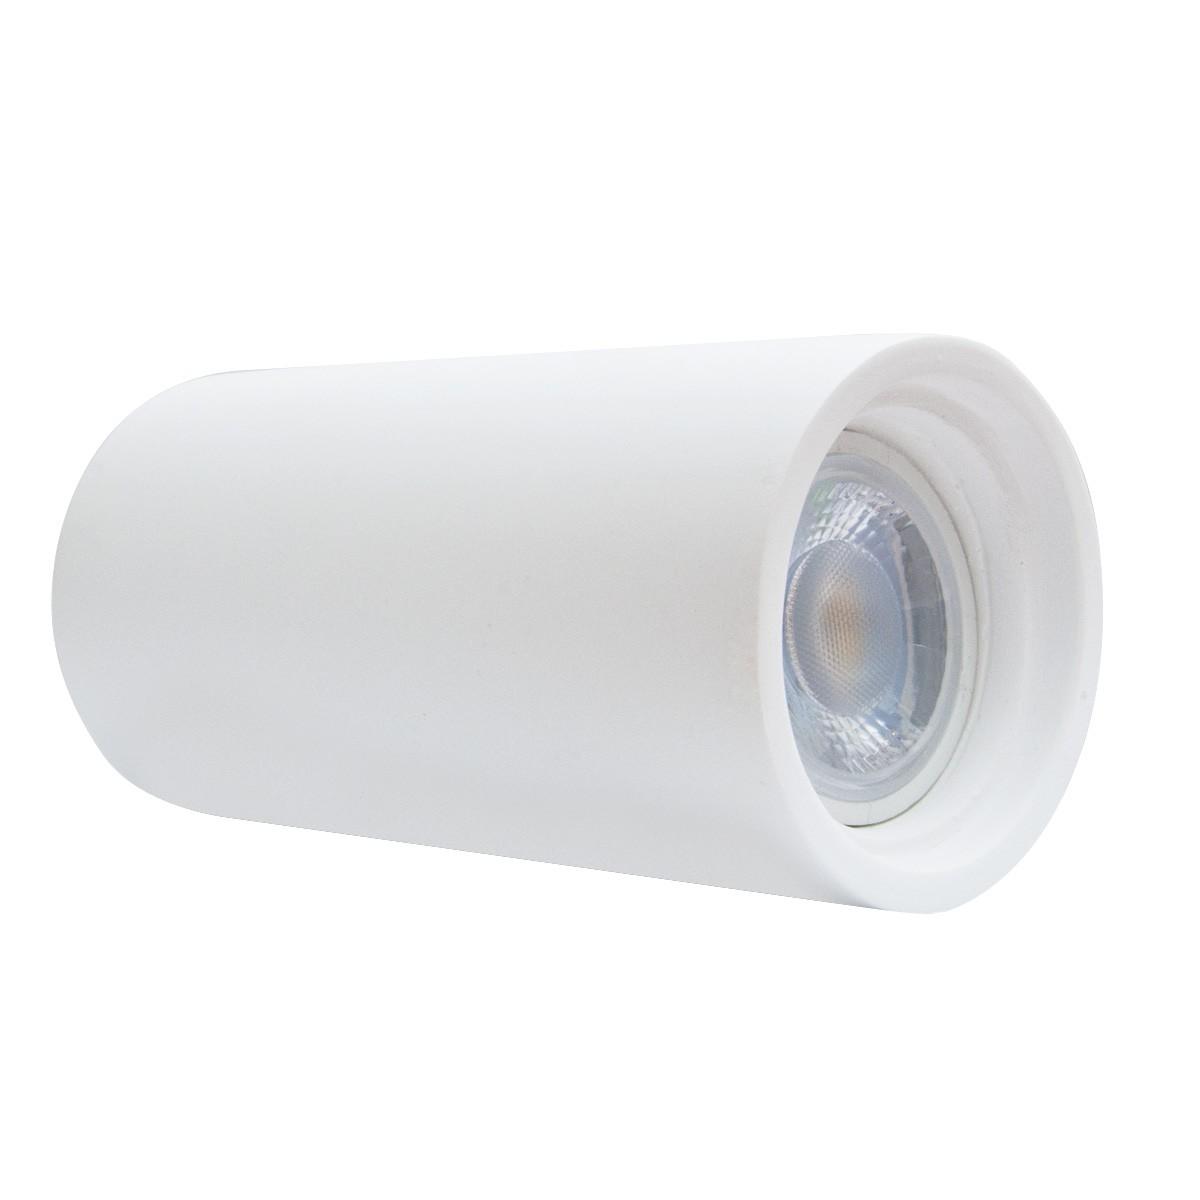 Faretti Esterni Soffitto.Faretto Esterno Da Soffitto A Tubo H14 In Gesso Bianco